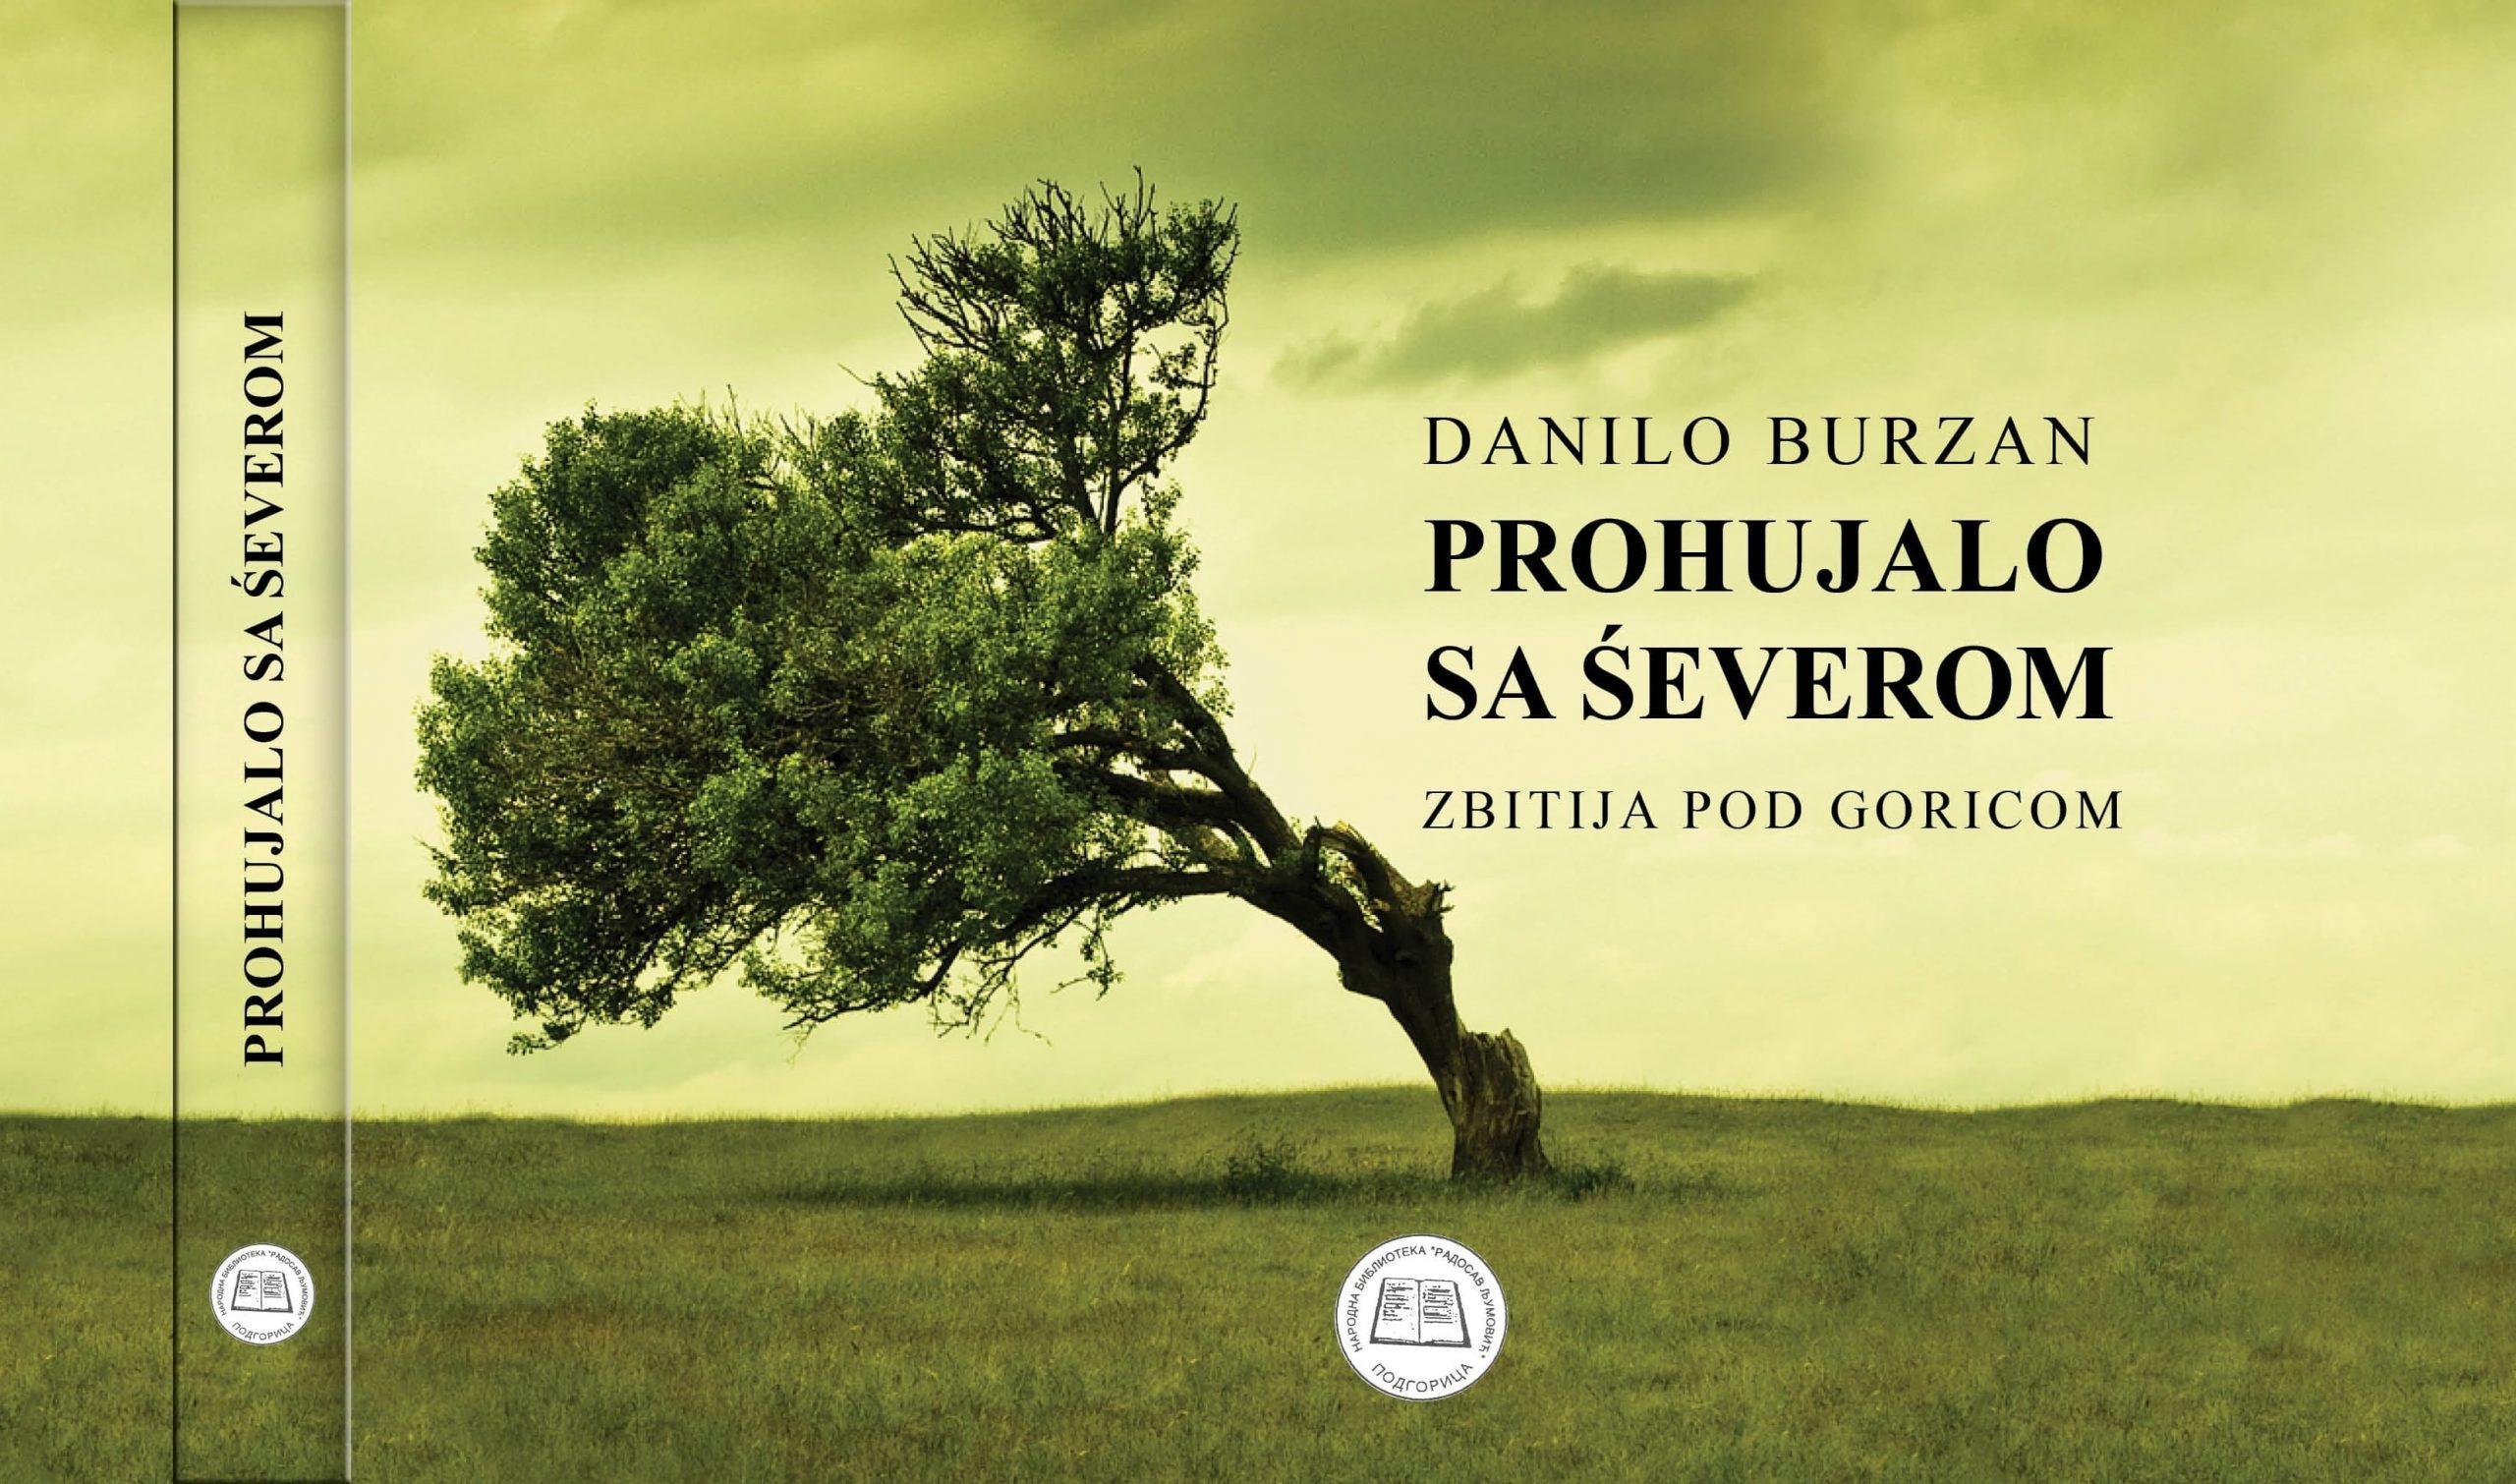 PROHUJALO SA ŚEVEROM Danila Burzana